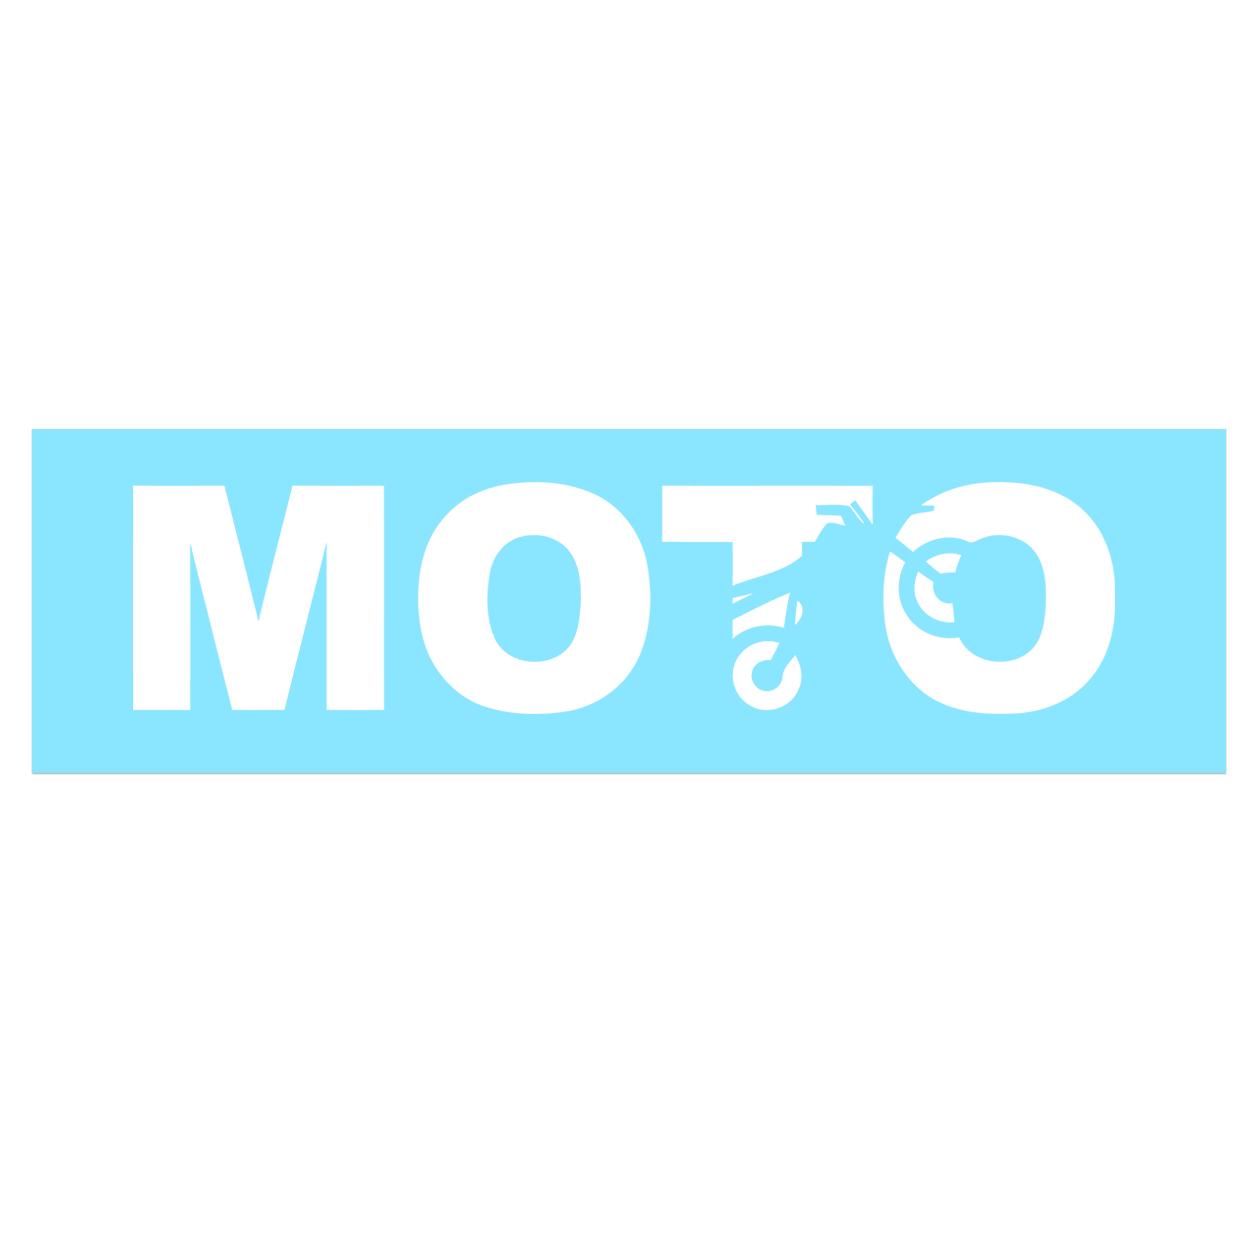 Moto Wheelie Logo Classic Decal (White Logo)